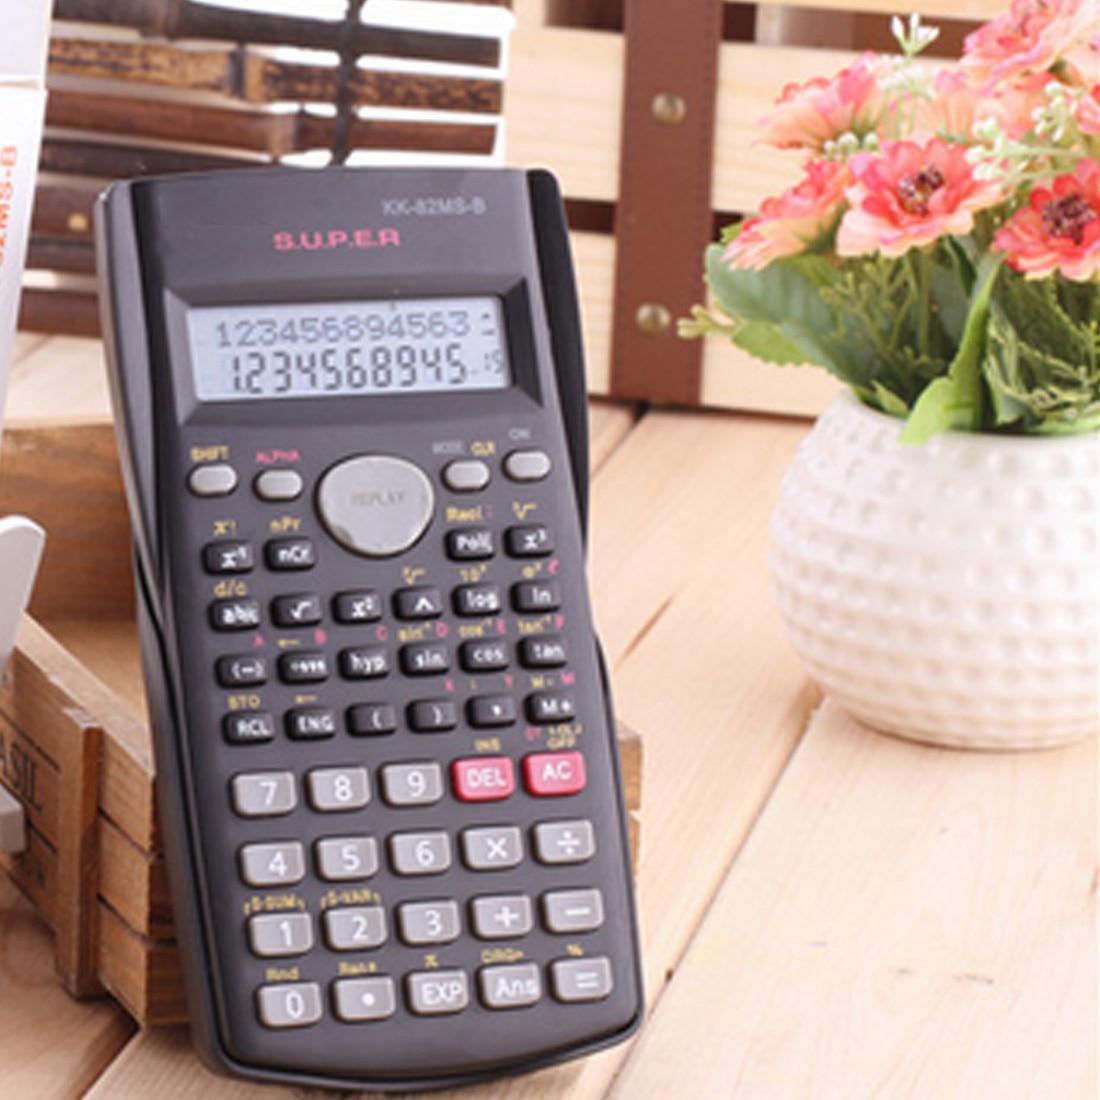 1 шт. Новый Функция калькулятор 82 мс Ручной multi-Функция 2-линии Дисплей цифровой ЖК-дисплей научный калькулятор